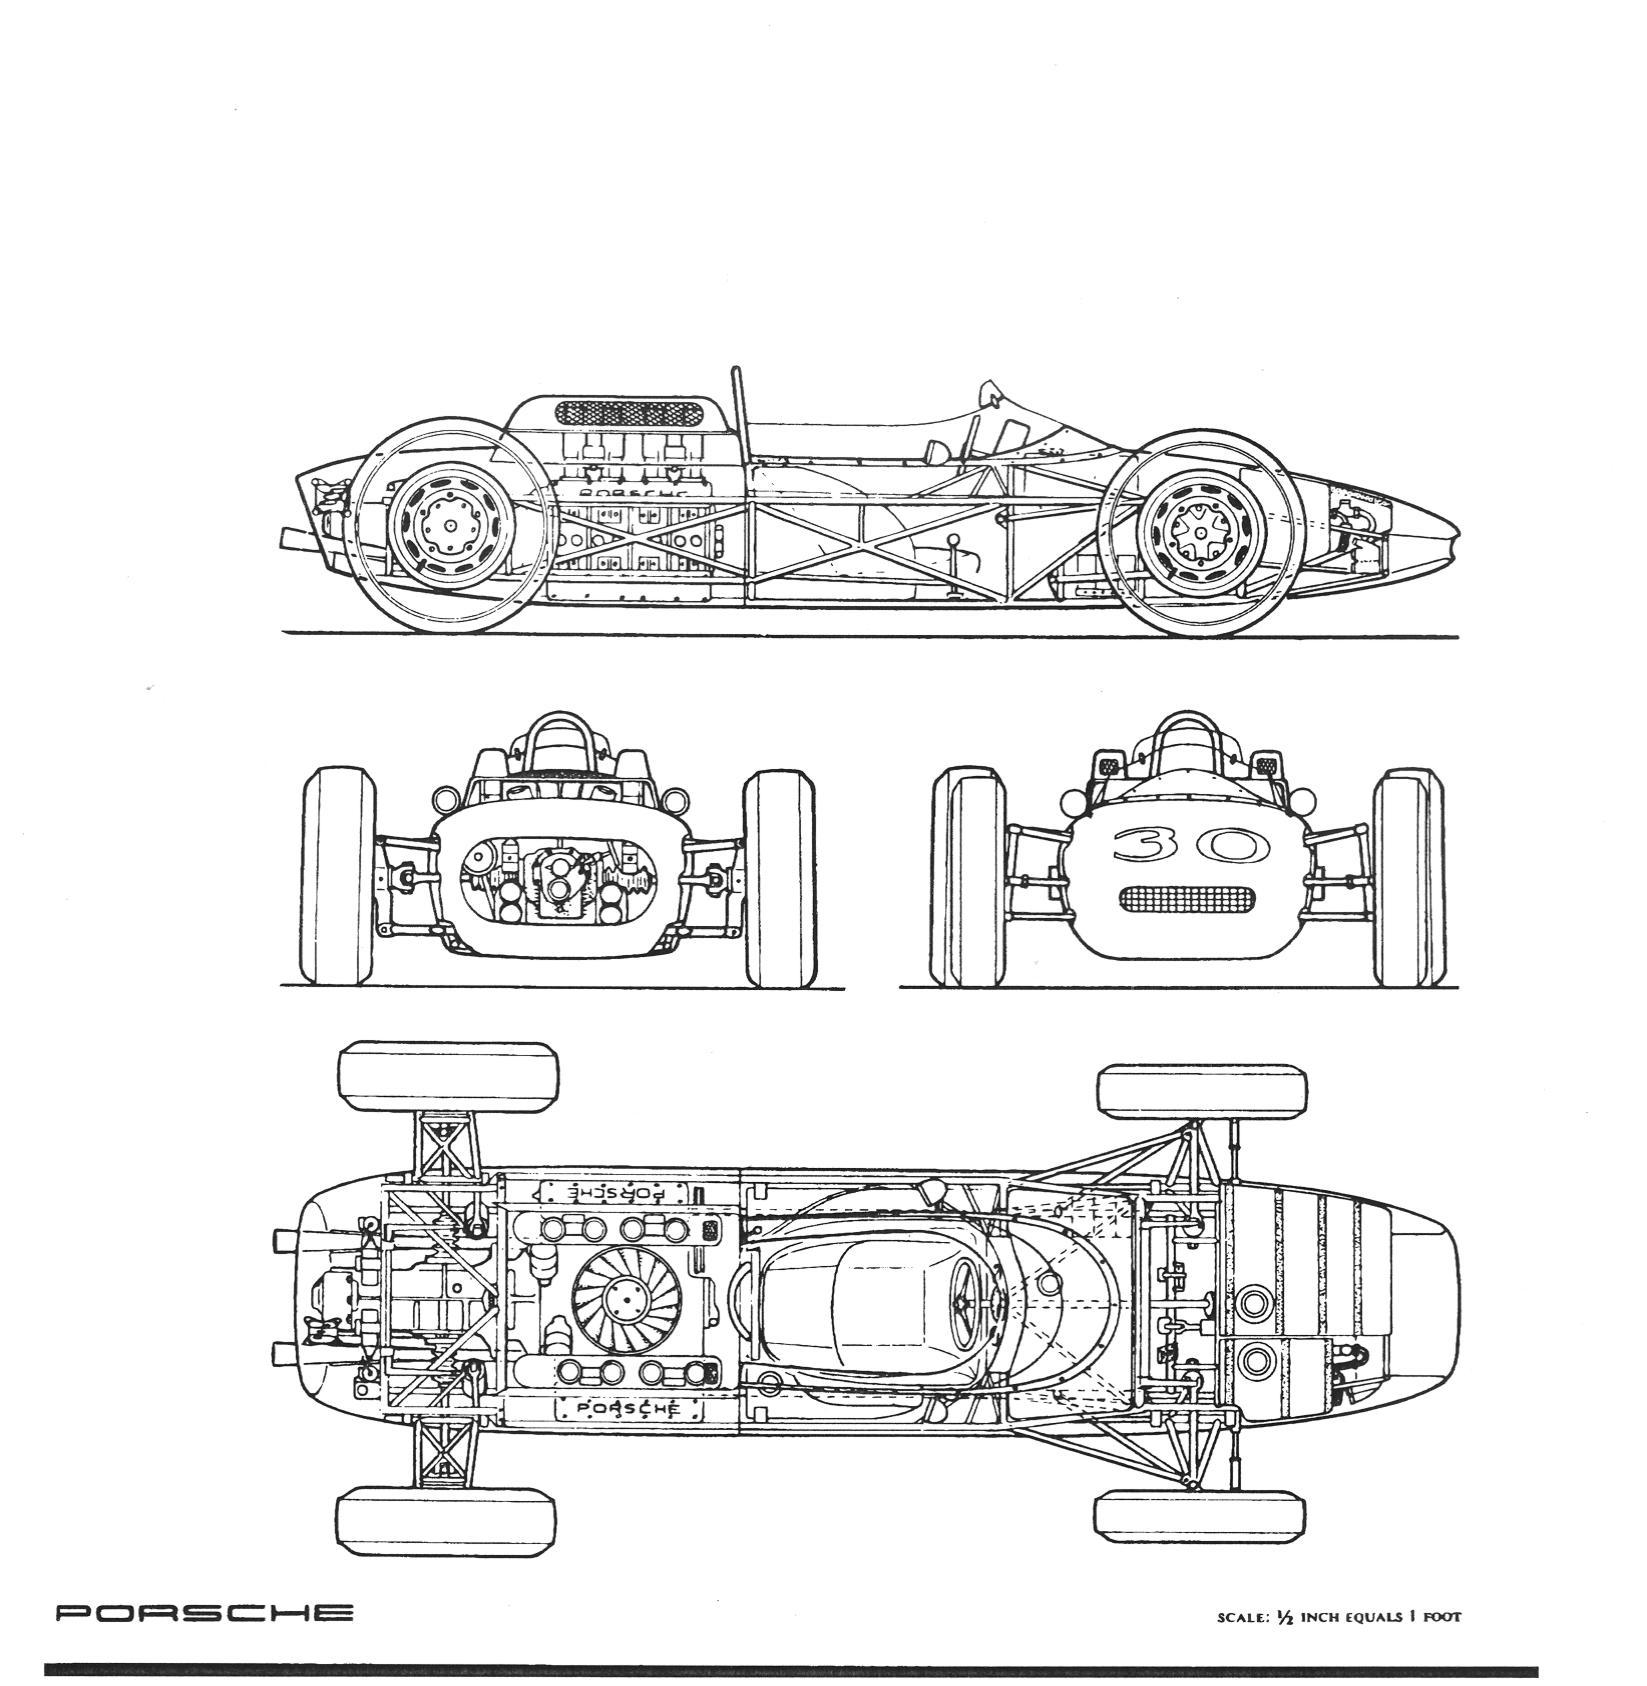 Porsche 804 F1 Blueprint